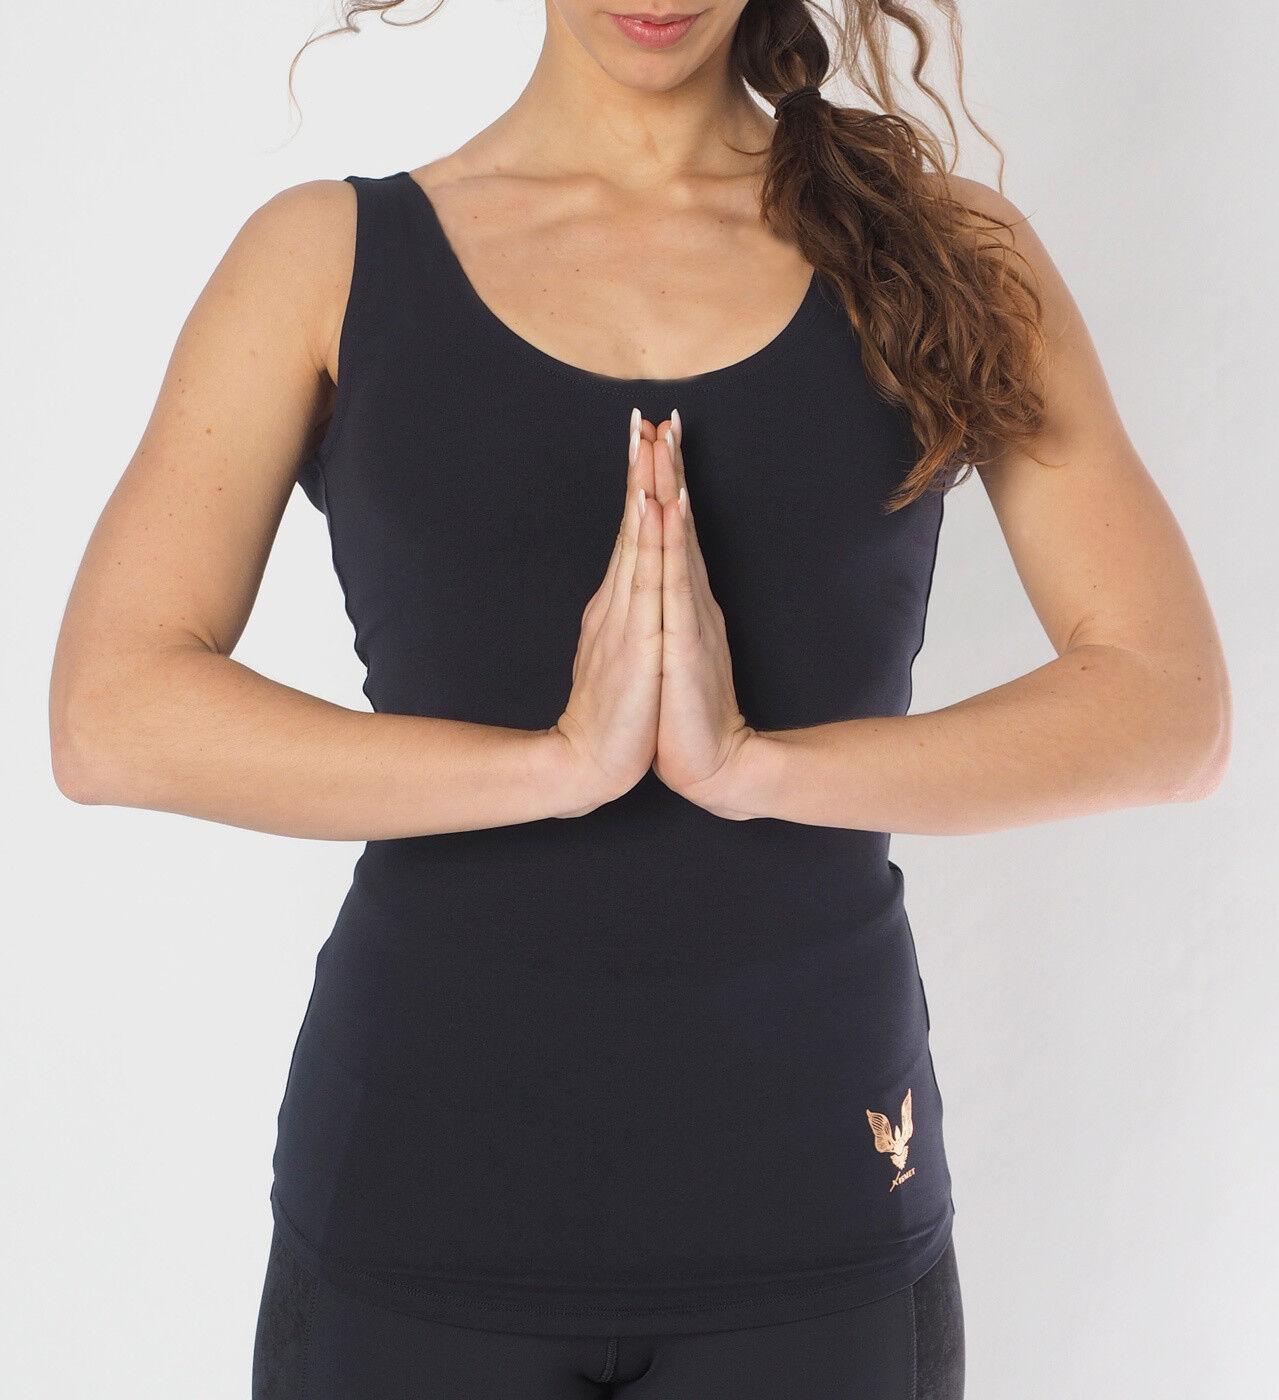 Yoga-top  sati  - Anthracite Grau von Kismet Yogastyle    Starke Hitze- und Hitzebeständigkeit